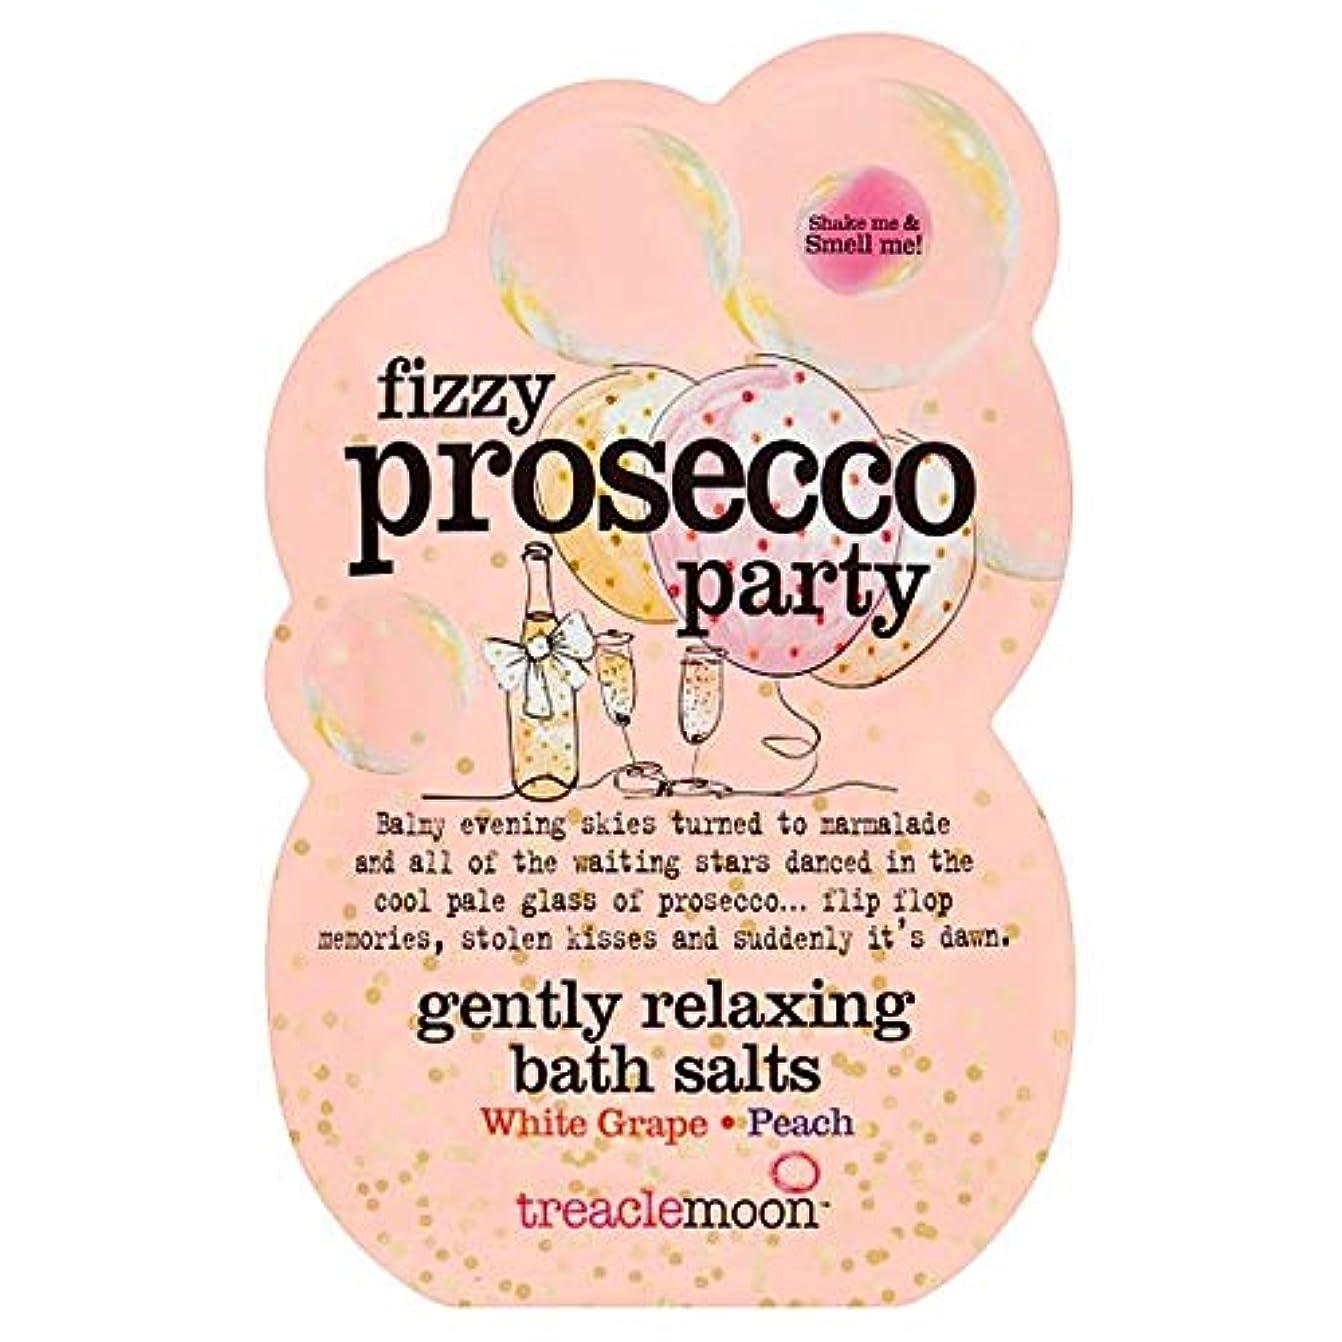 民兵つぶやきオフェンス[Treacle Moon] Treaclemoonプロセッコパーティーバスソルトの80グラム - Treaclemoon Prosecco Party Bath Salts 80G [並行輸入品]